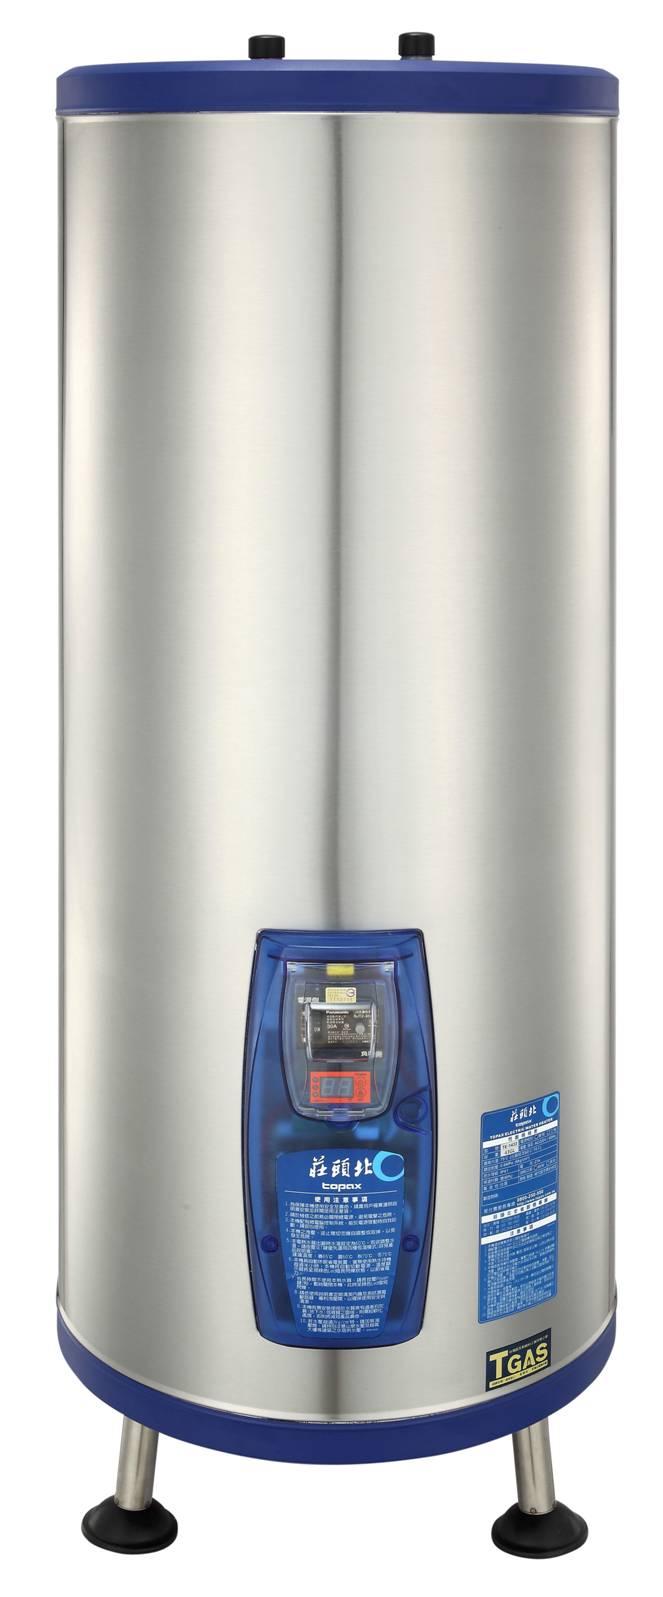 儲熱式43G  莊頭北電熱水器